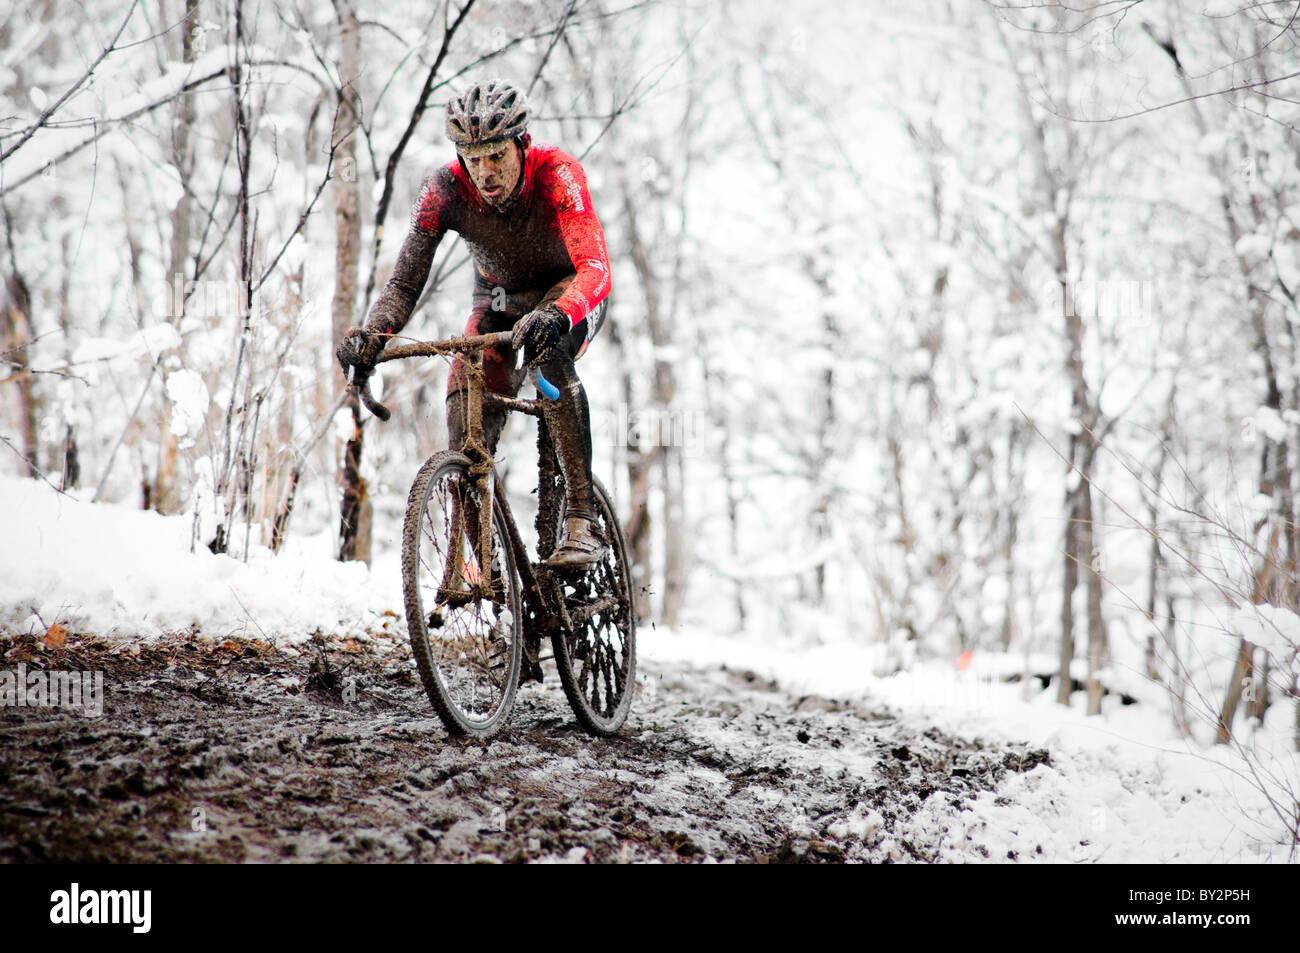 Un carreras ciclistas en el barro y nieve en una carrera de ciclocross en Boulder, Colorado. Imagen De Stock